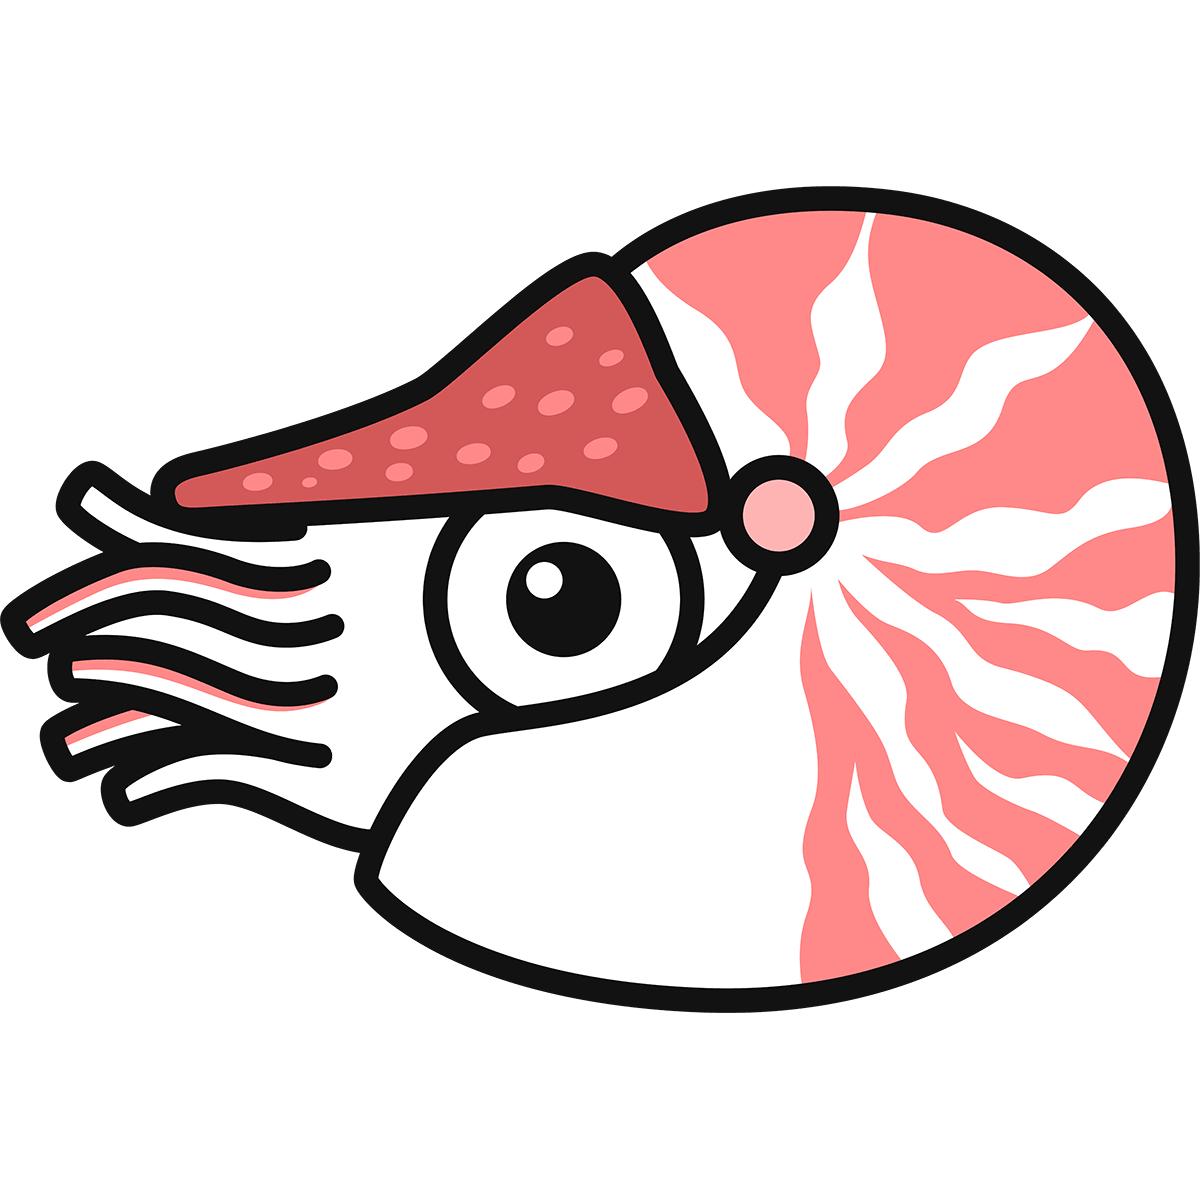 オウムガイの無料イラスト